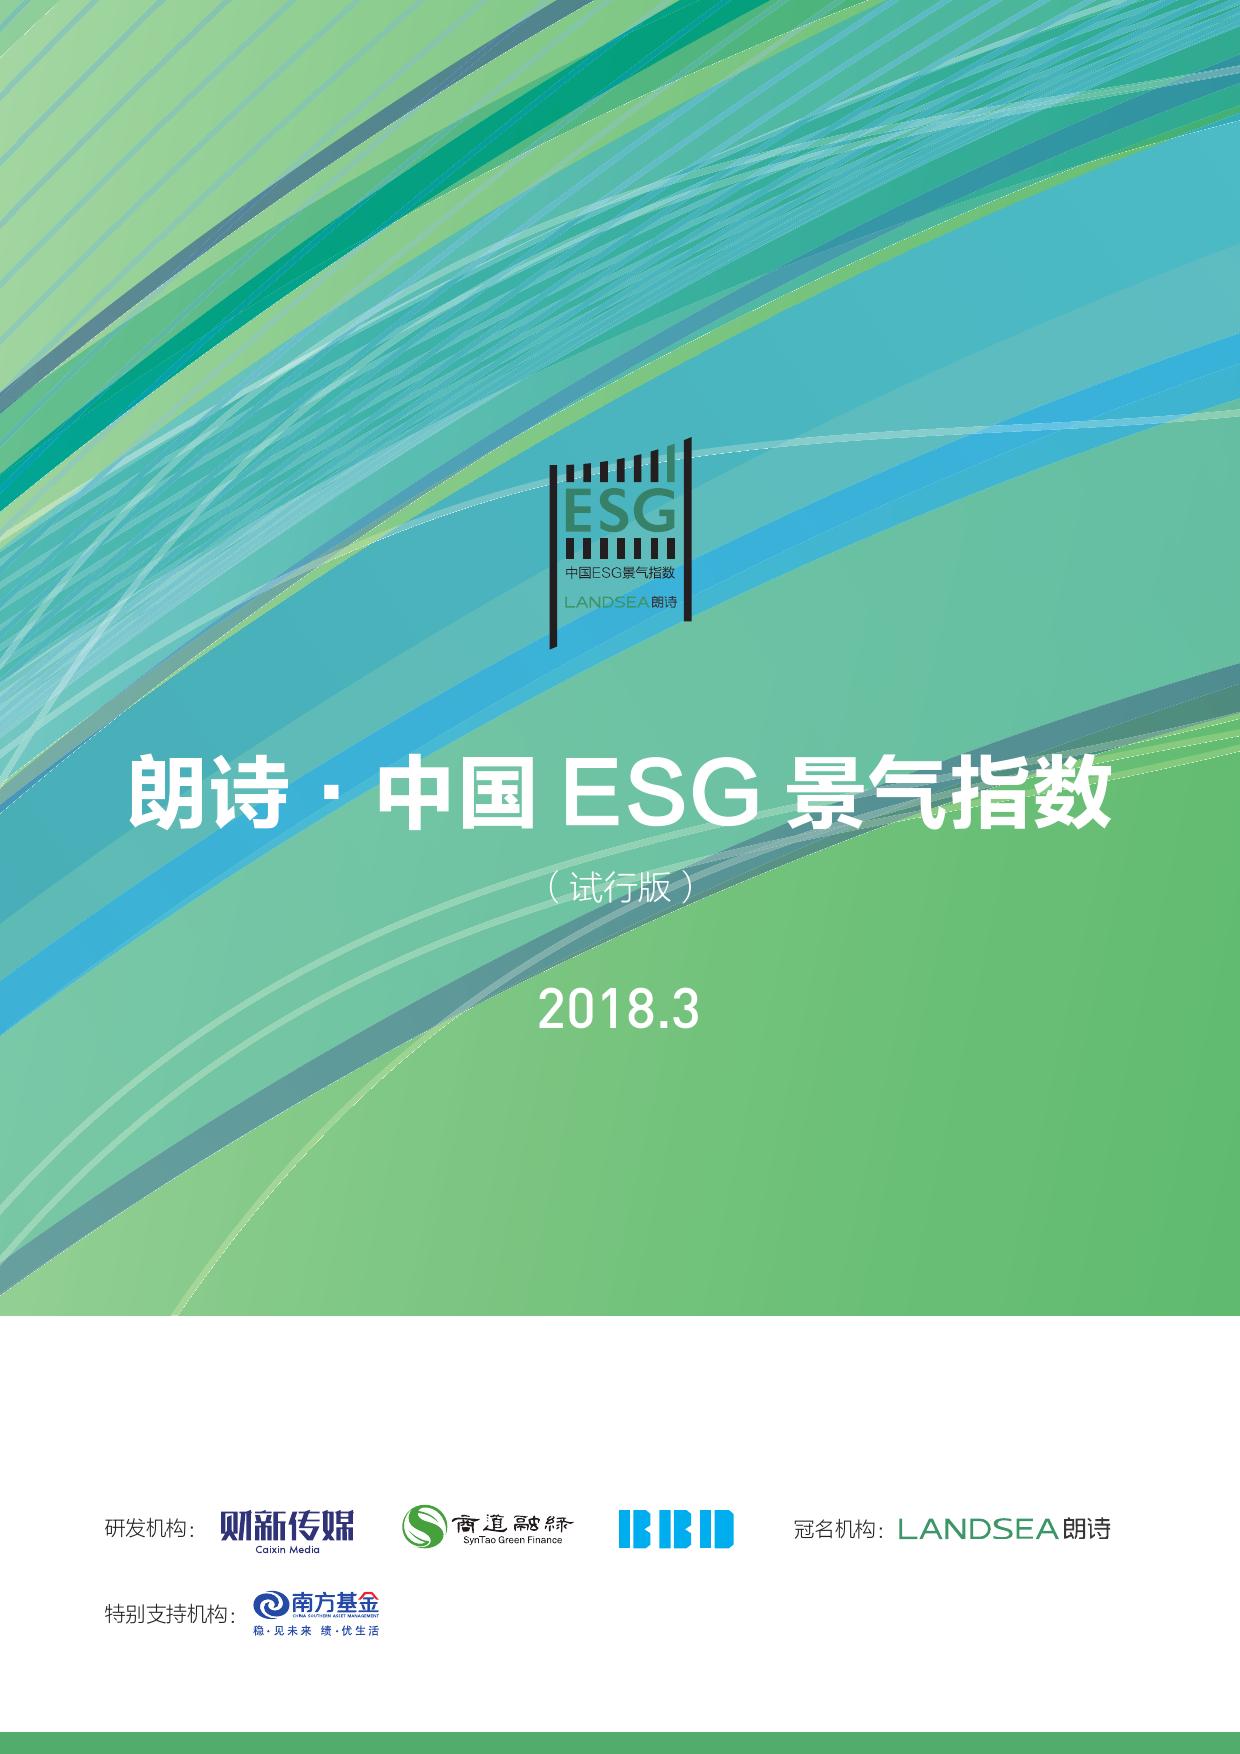 财新传媒:2018年3月中国ESG景气指数(附下载)